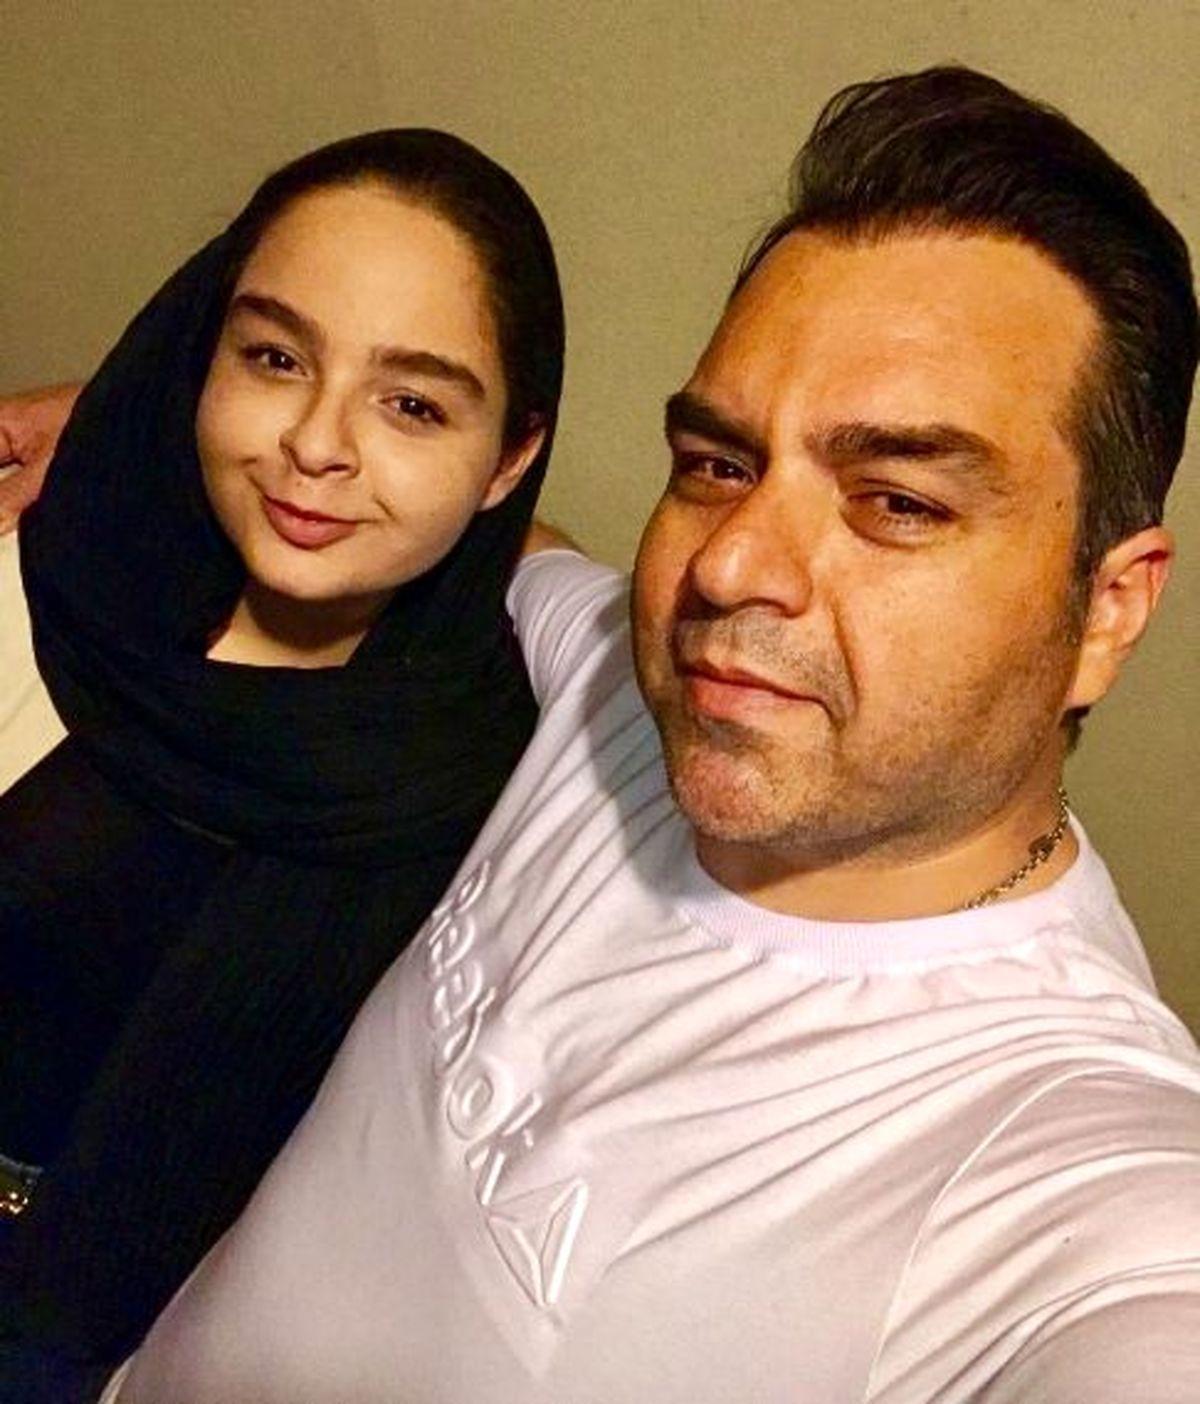 شباهت دیدنی شهرام قائدی و دخترش به هم! +عکس شهرام قائدی و همسر و دخترش